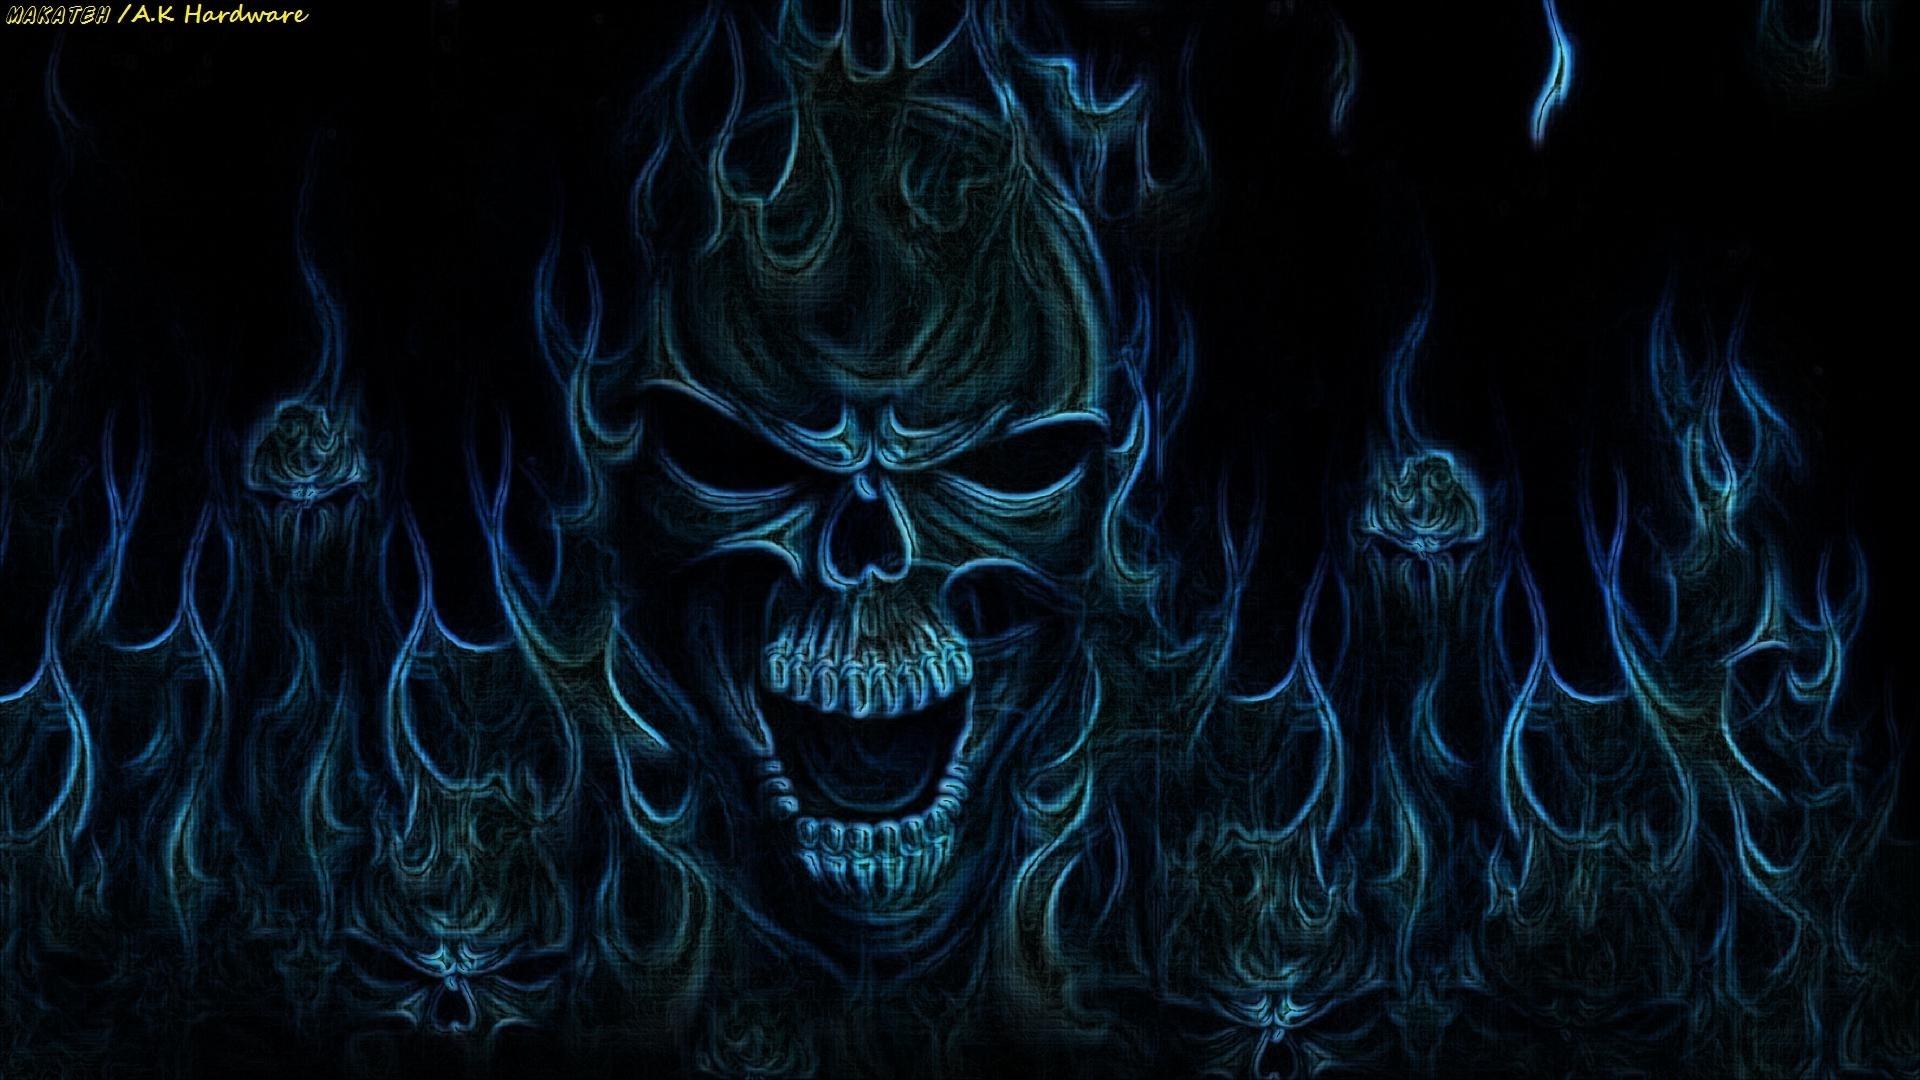 blue flaming skull wallpaper